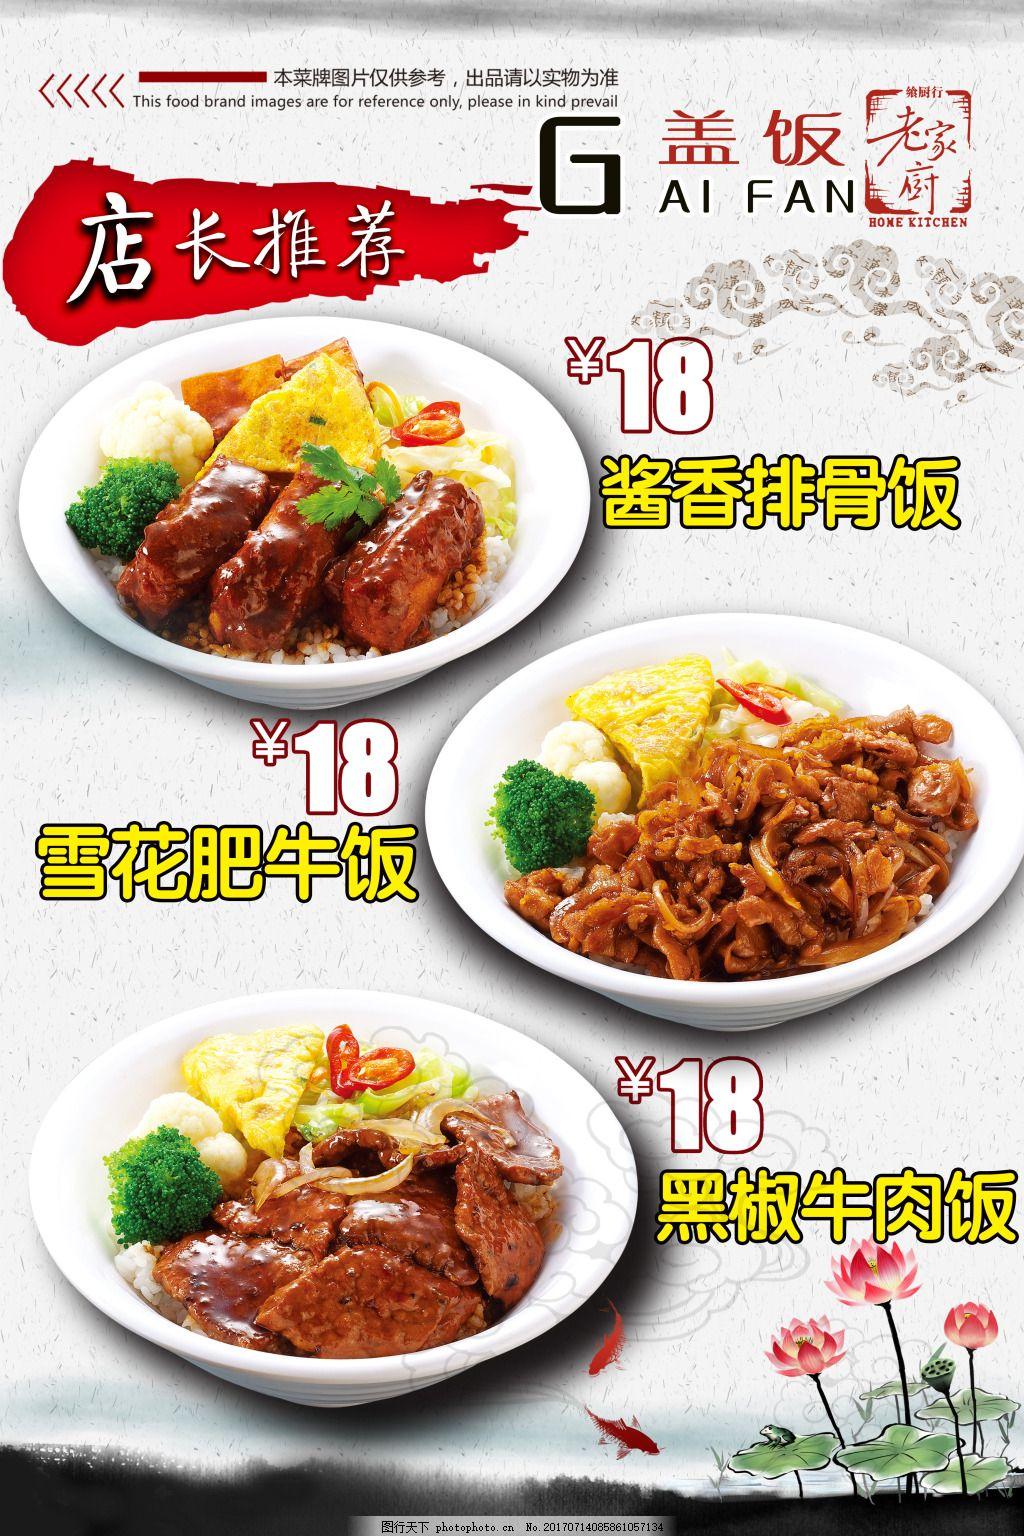 菜单设计牛肉盖饭海报设计 排骨盖饭 盖饭系列 餐饮海报 雪花肥牛盖饭